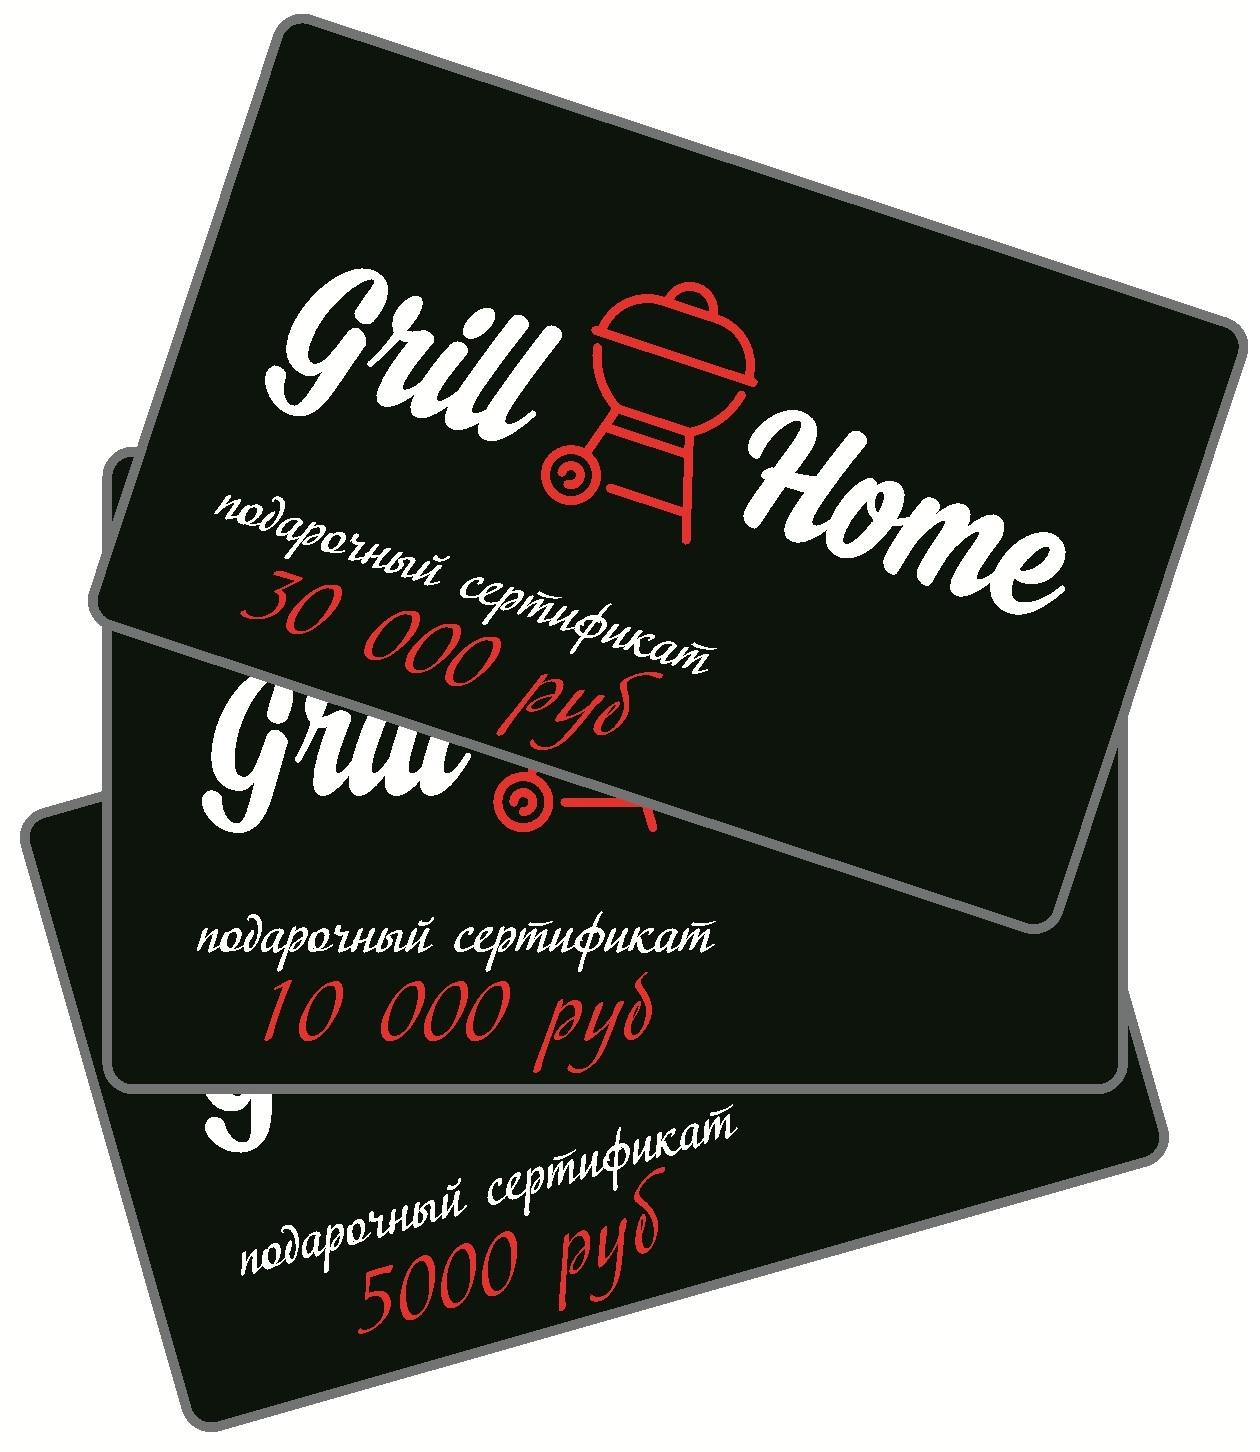 Подарочный сертификат компании GrillHome на сумму 5000 рублей.